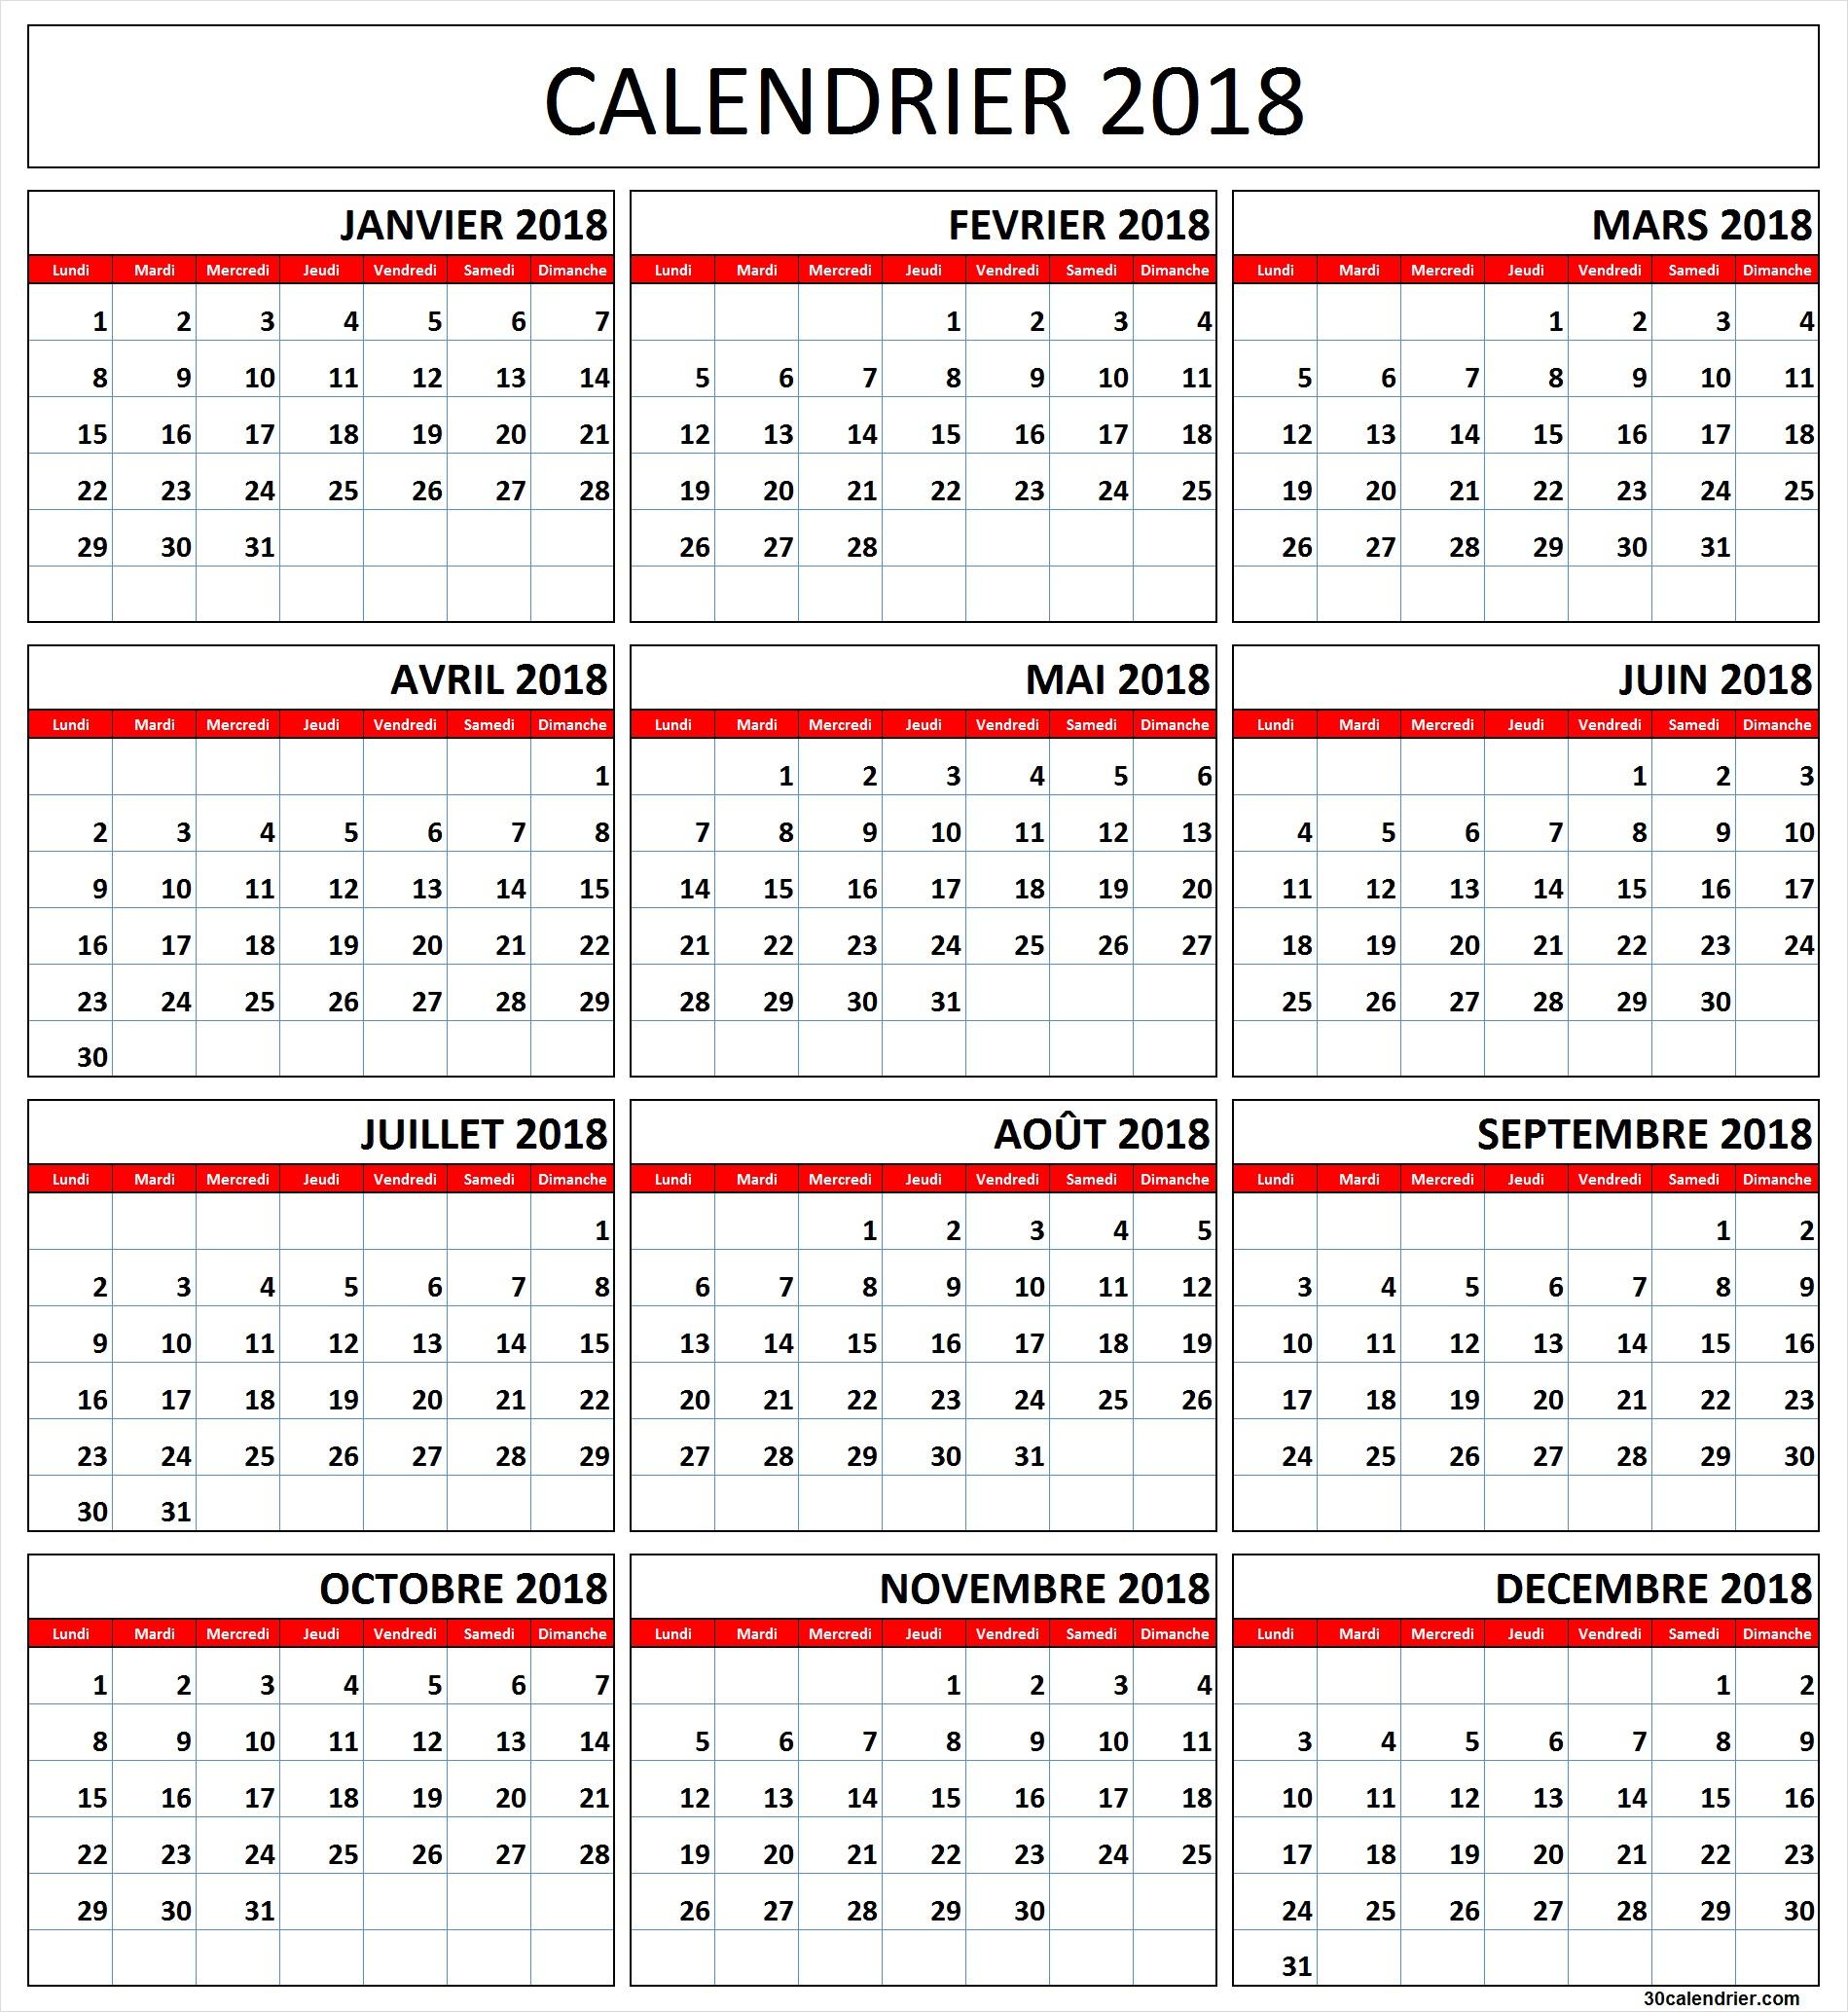 Calendrier 2018 À Imprimer Gratuites | Calendrier 2018 tout Calendrier 2018 À Télécharger Gratuit